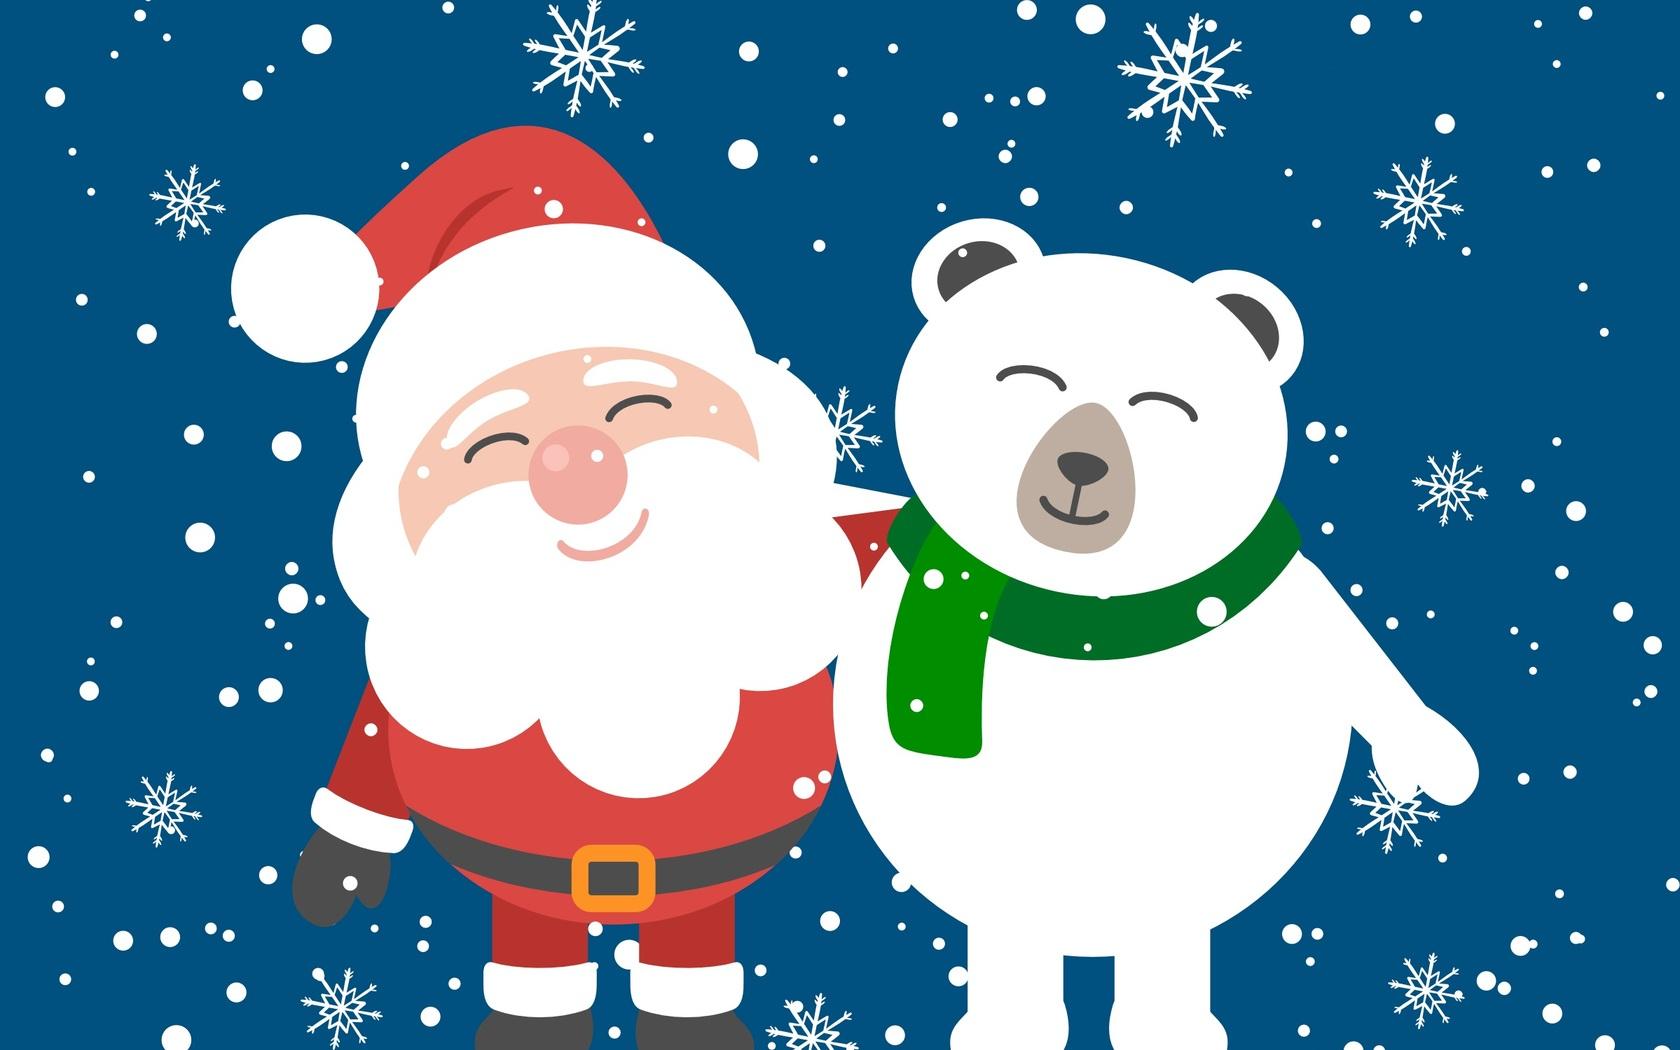 santa-clause-and-bear-friend-69.jpg